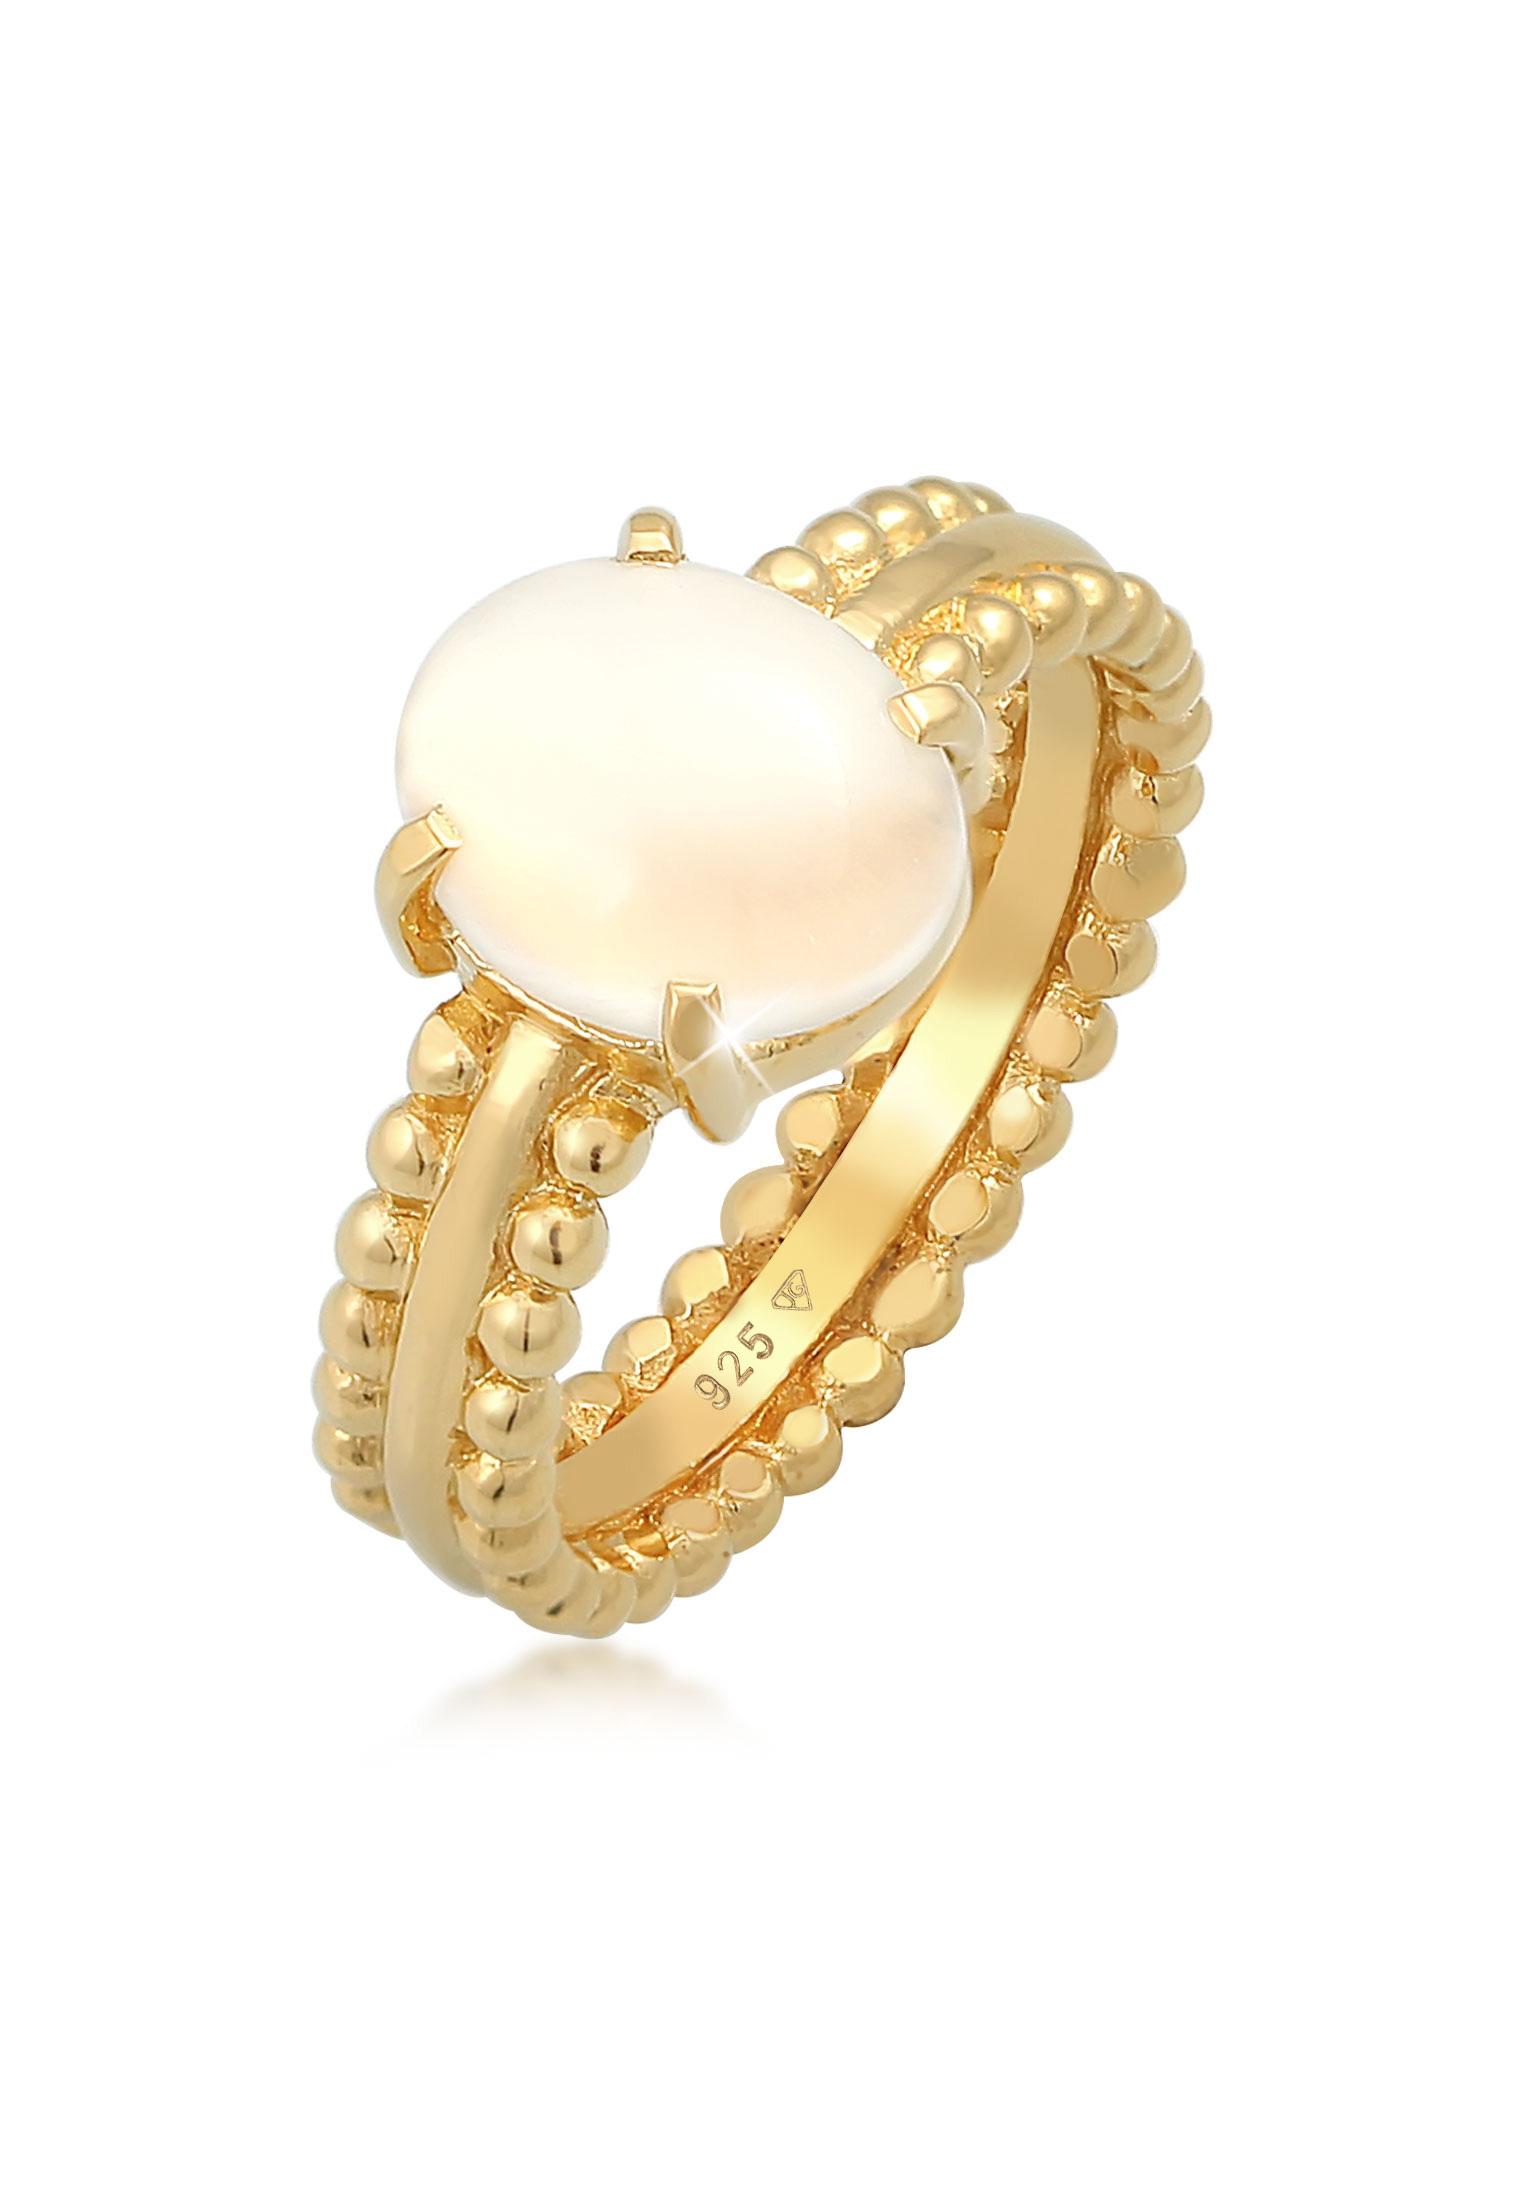 Ring | Mondstein ( Weiß ) | 925 Sterling Silber vergoldet